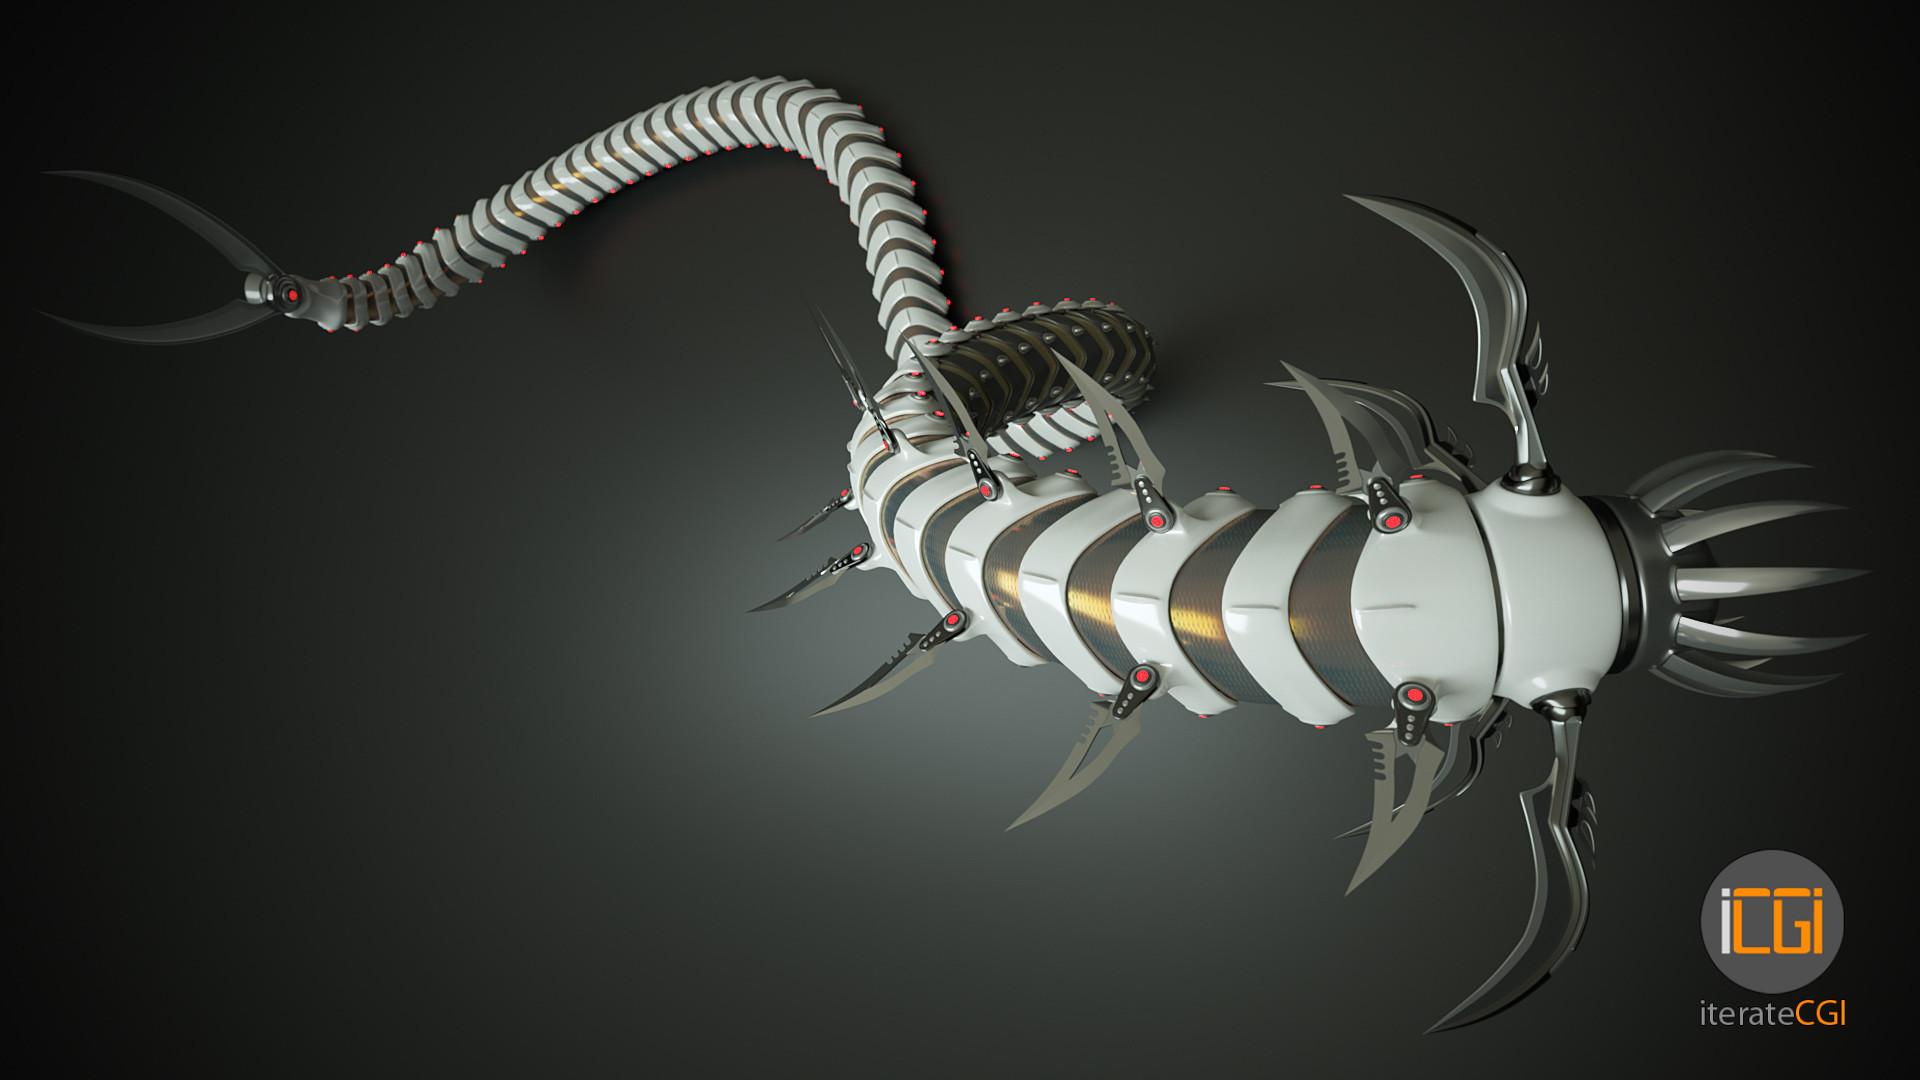 Johan de leenheer snakebot 6